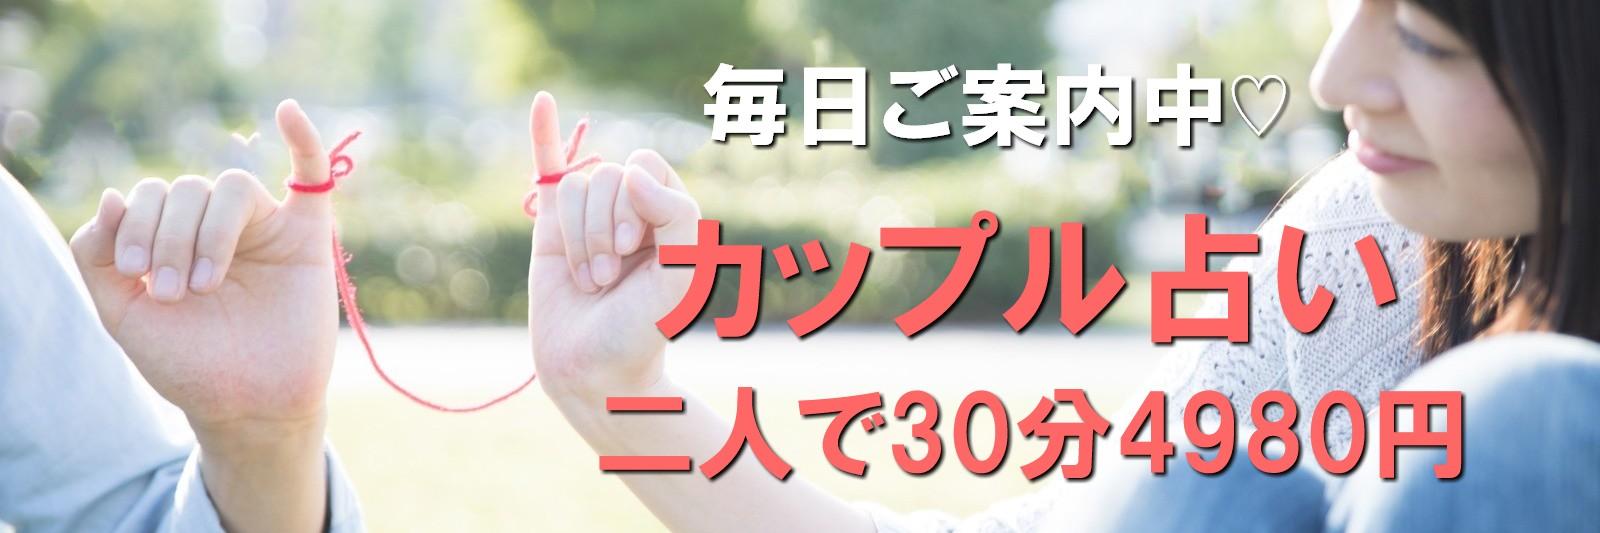 東京・渋谷でカップル占いなら、個室貸切にて二人で一緒に占いを受けることが出来ます。お二人の未来や残りの時間でそれぞれが気になることを占うことが出来るので占いデートにオススメです。